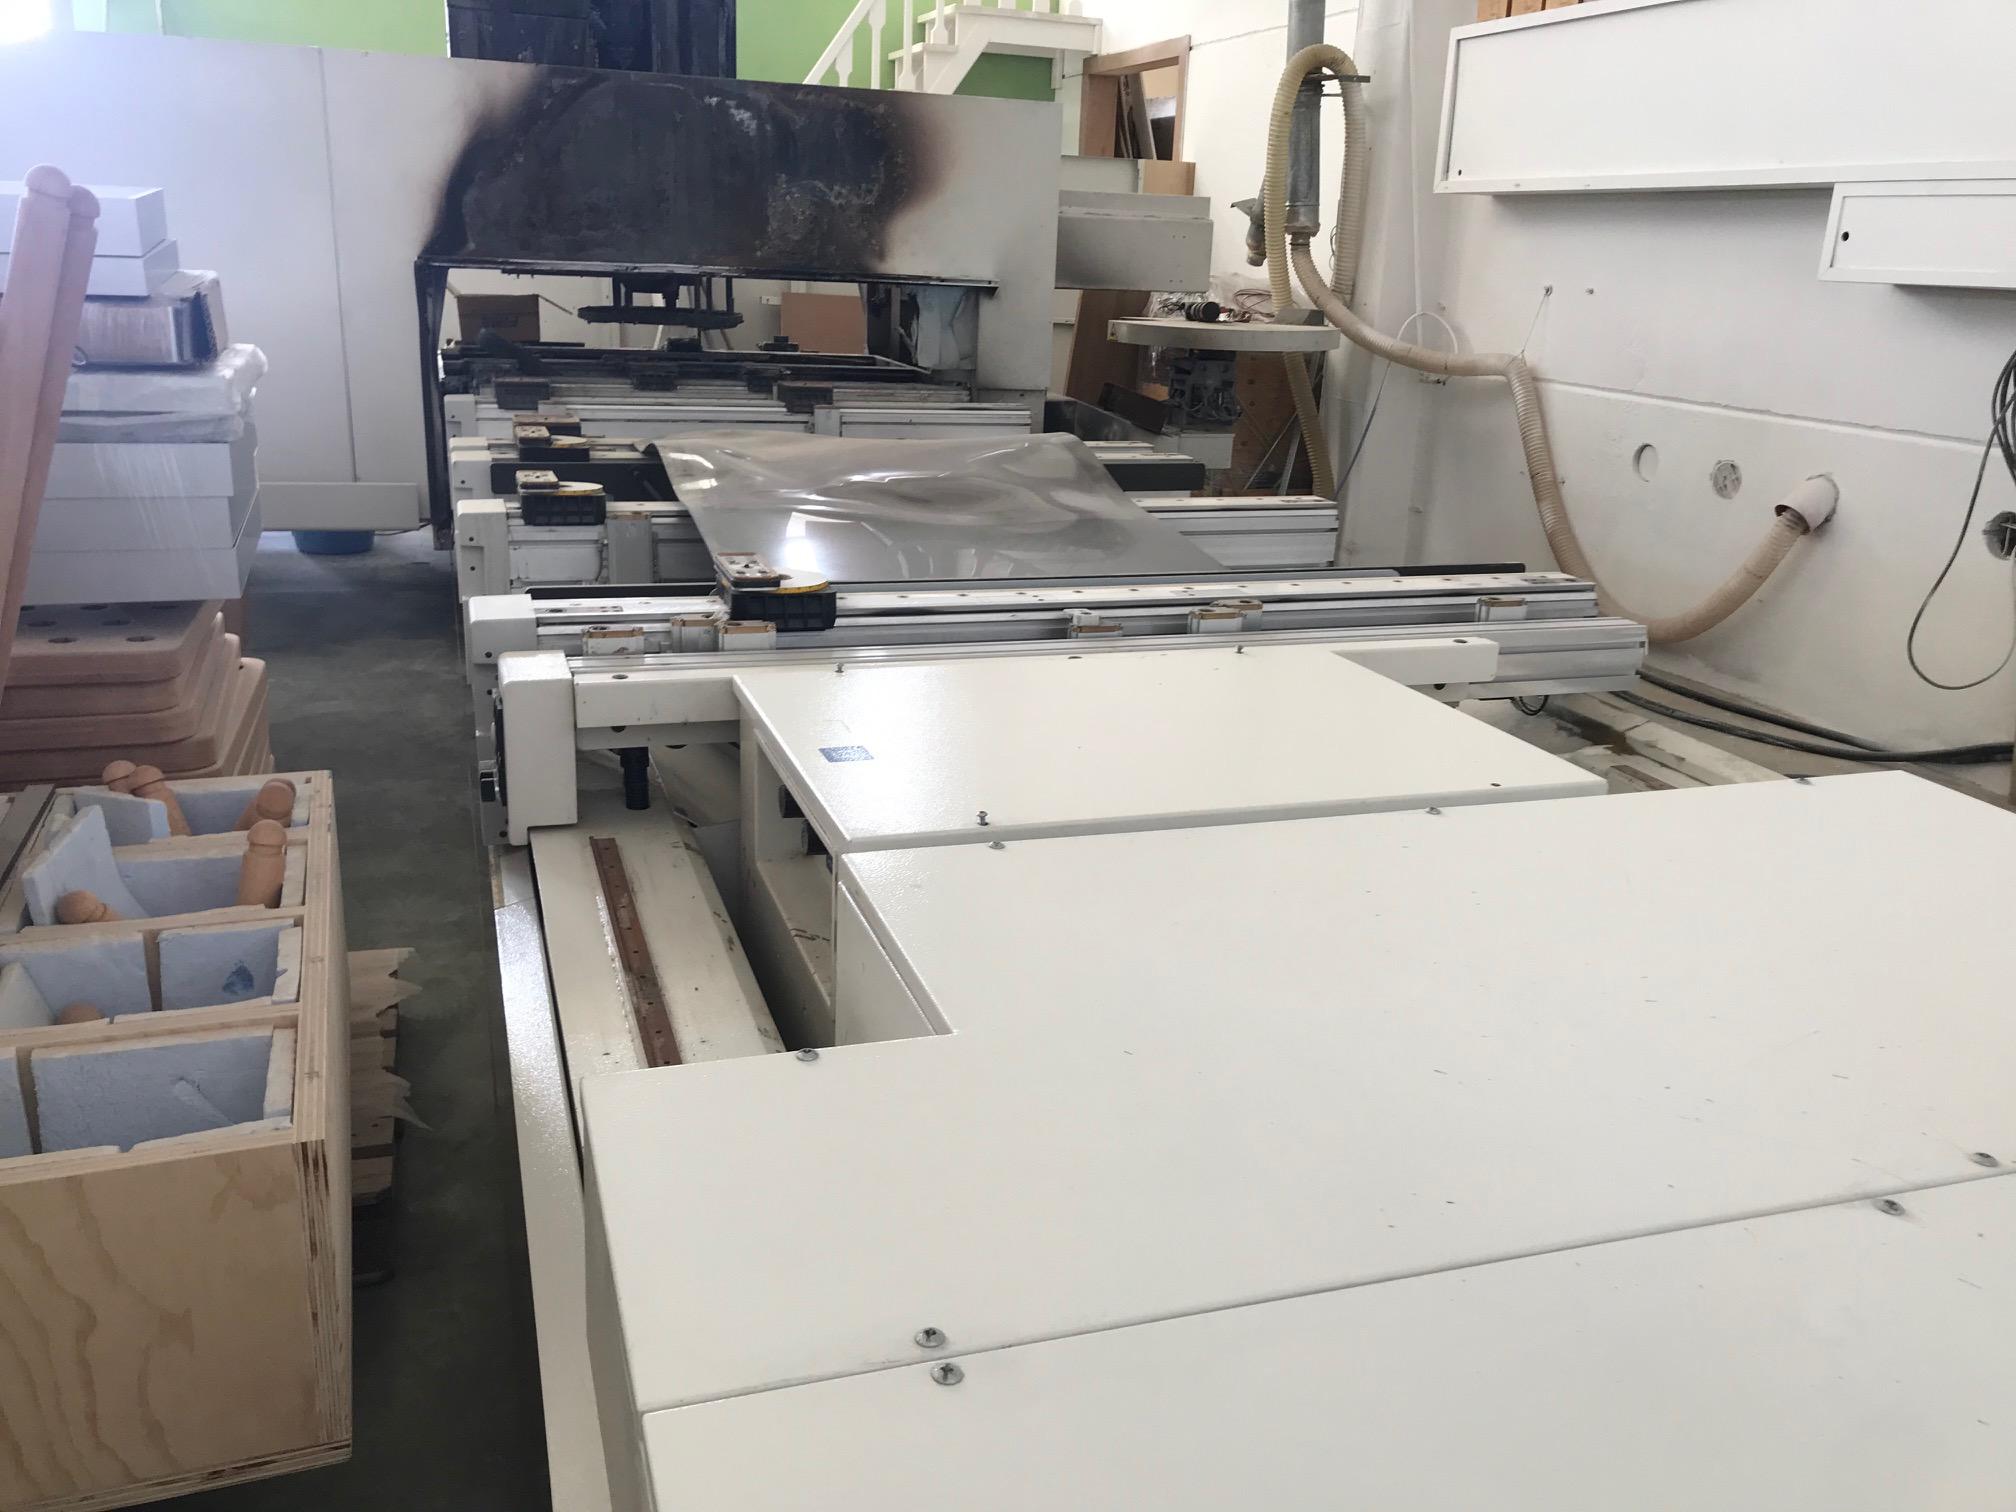 PE0027 - centro di lavoro incidentato SCM Accord 30 Fx in vendita - foto 2